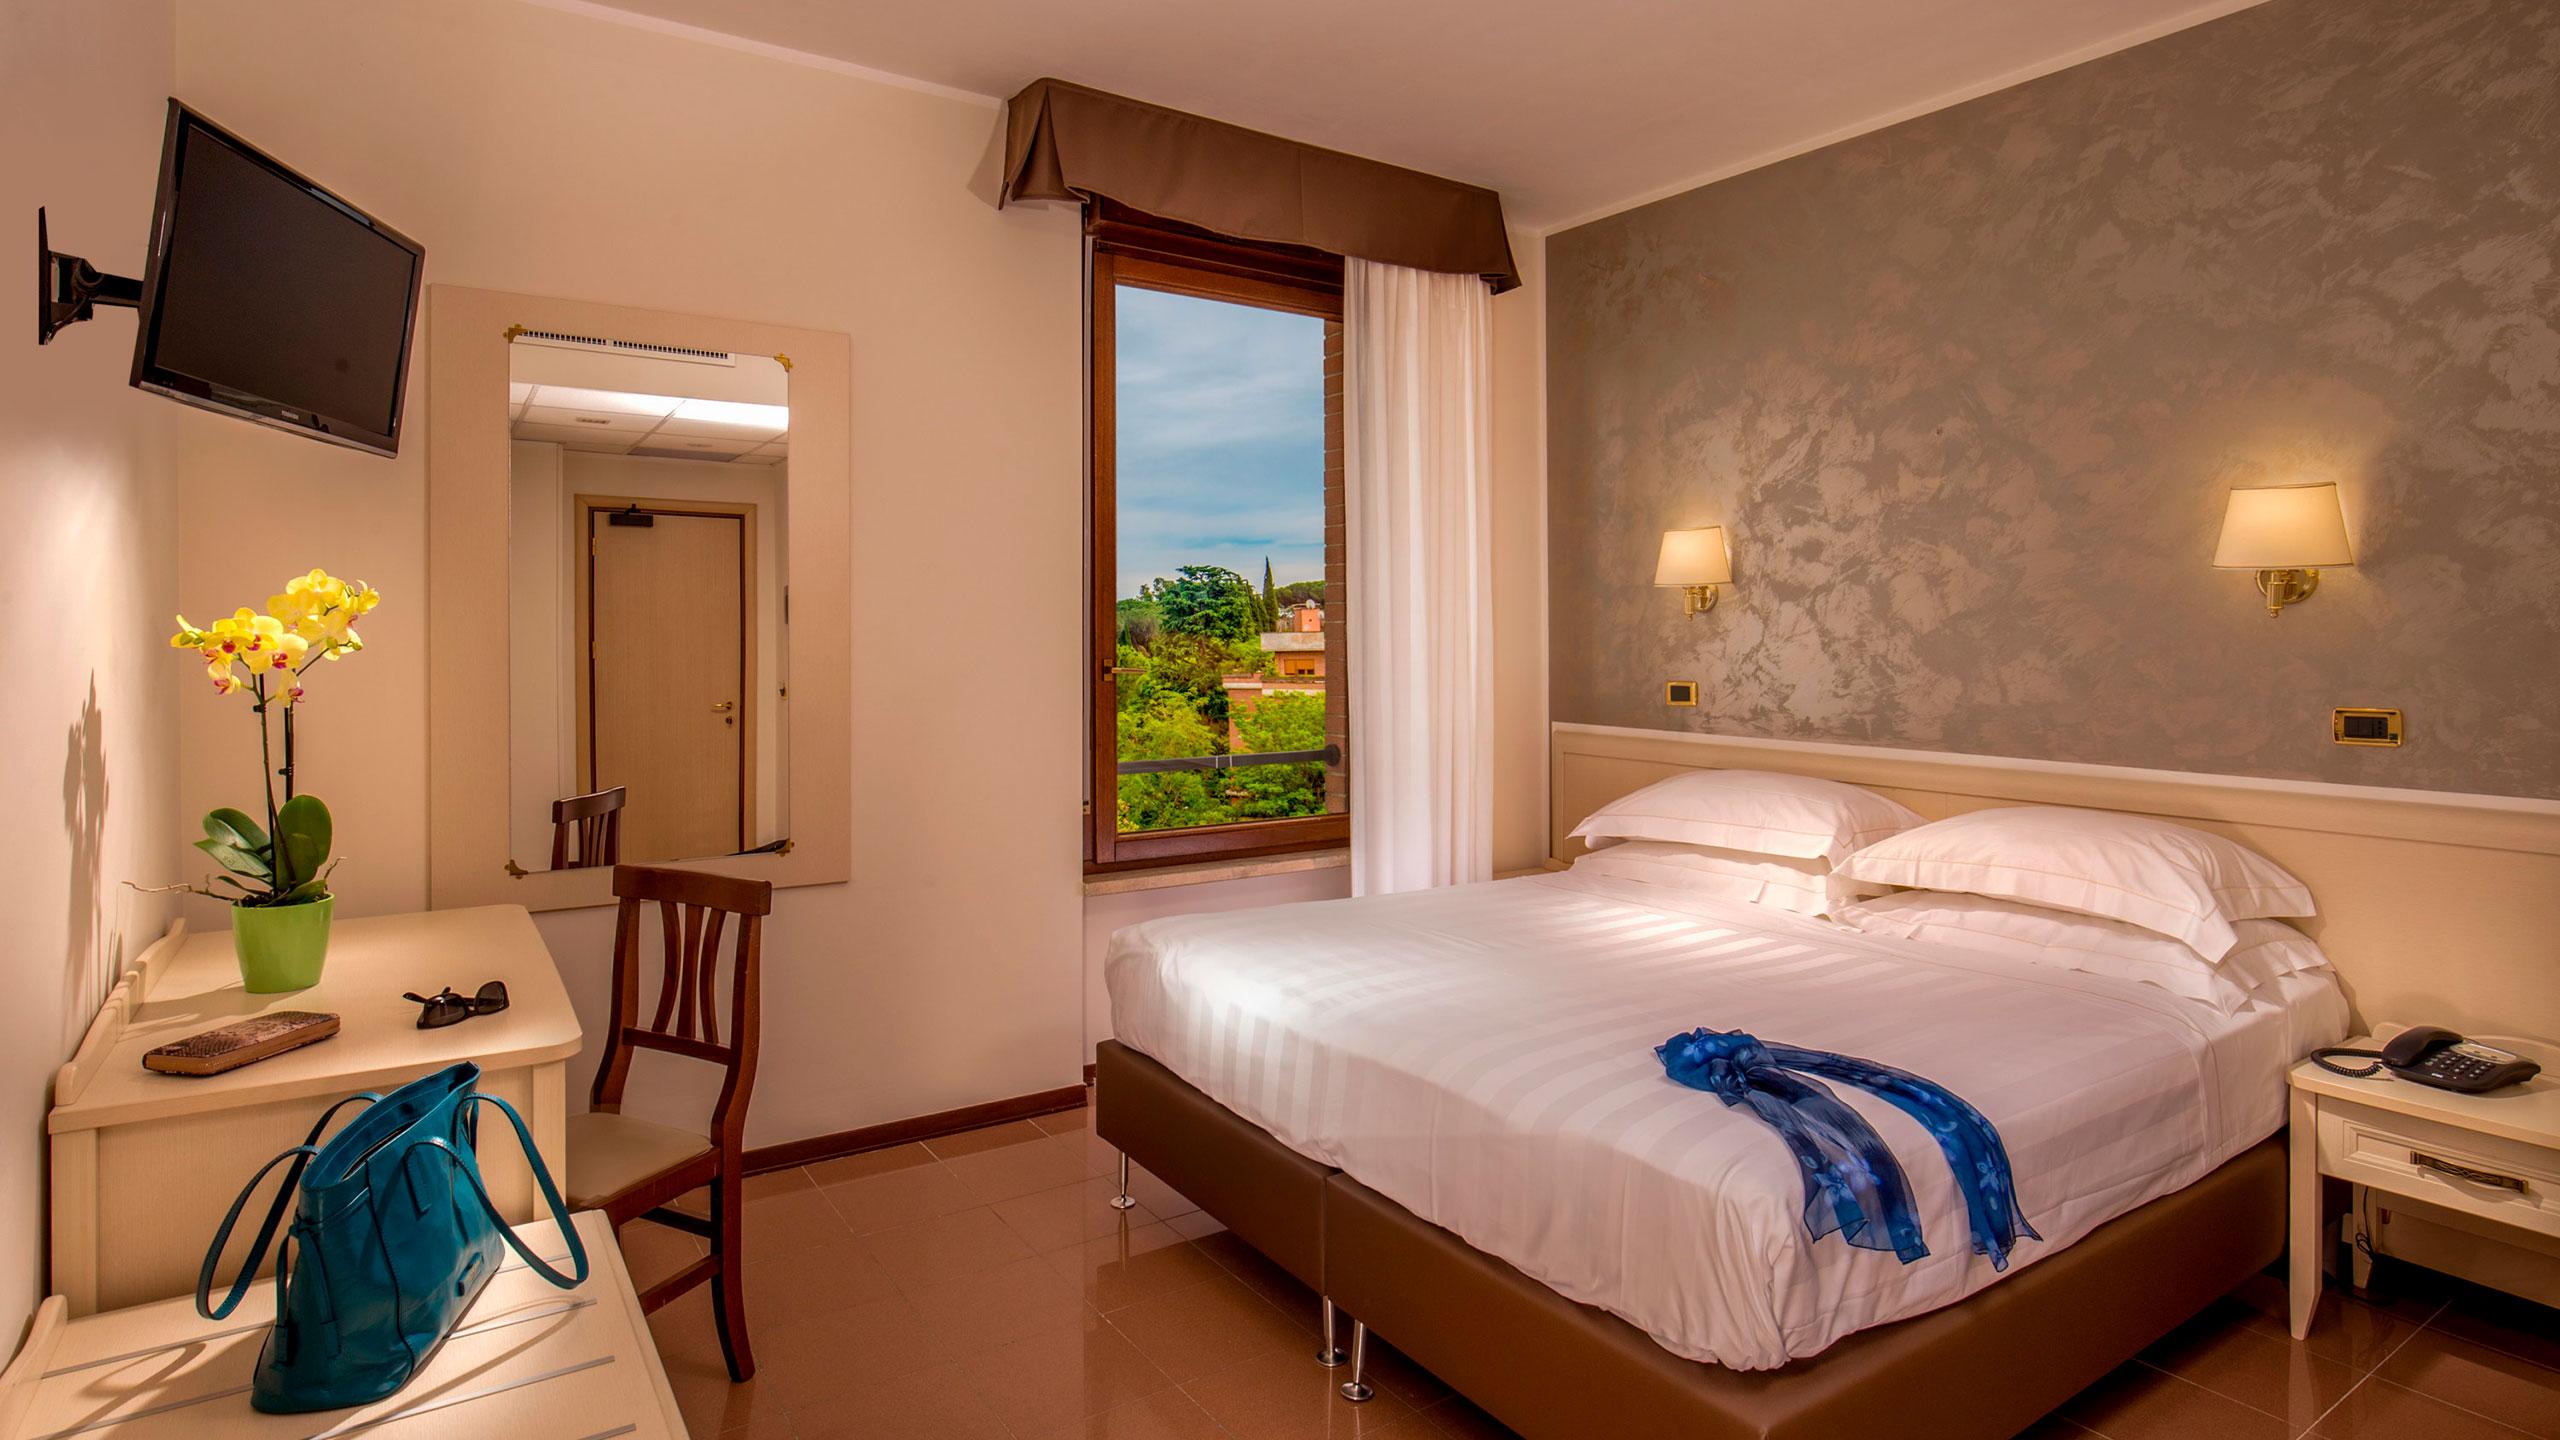 villa-aurelia-hôtel-rome-chambre-3143